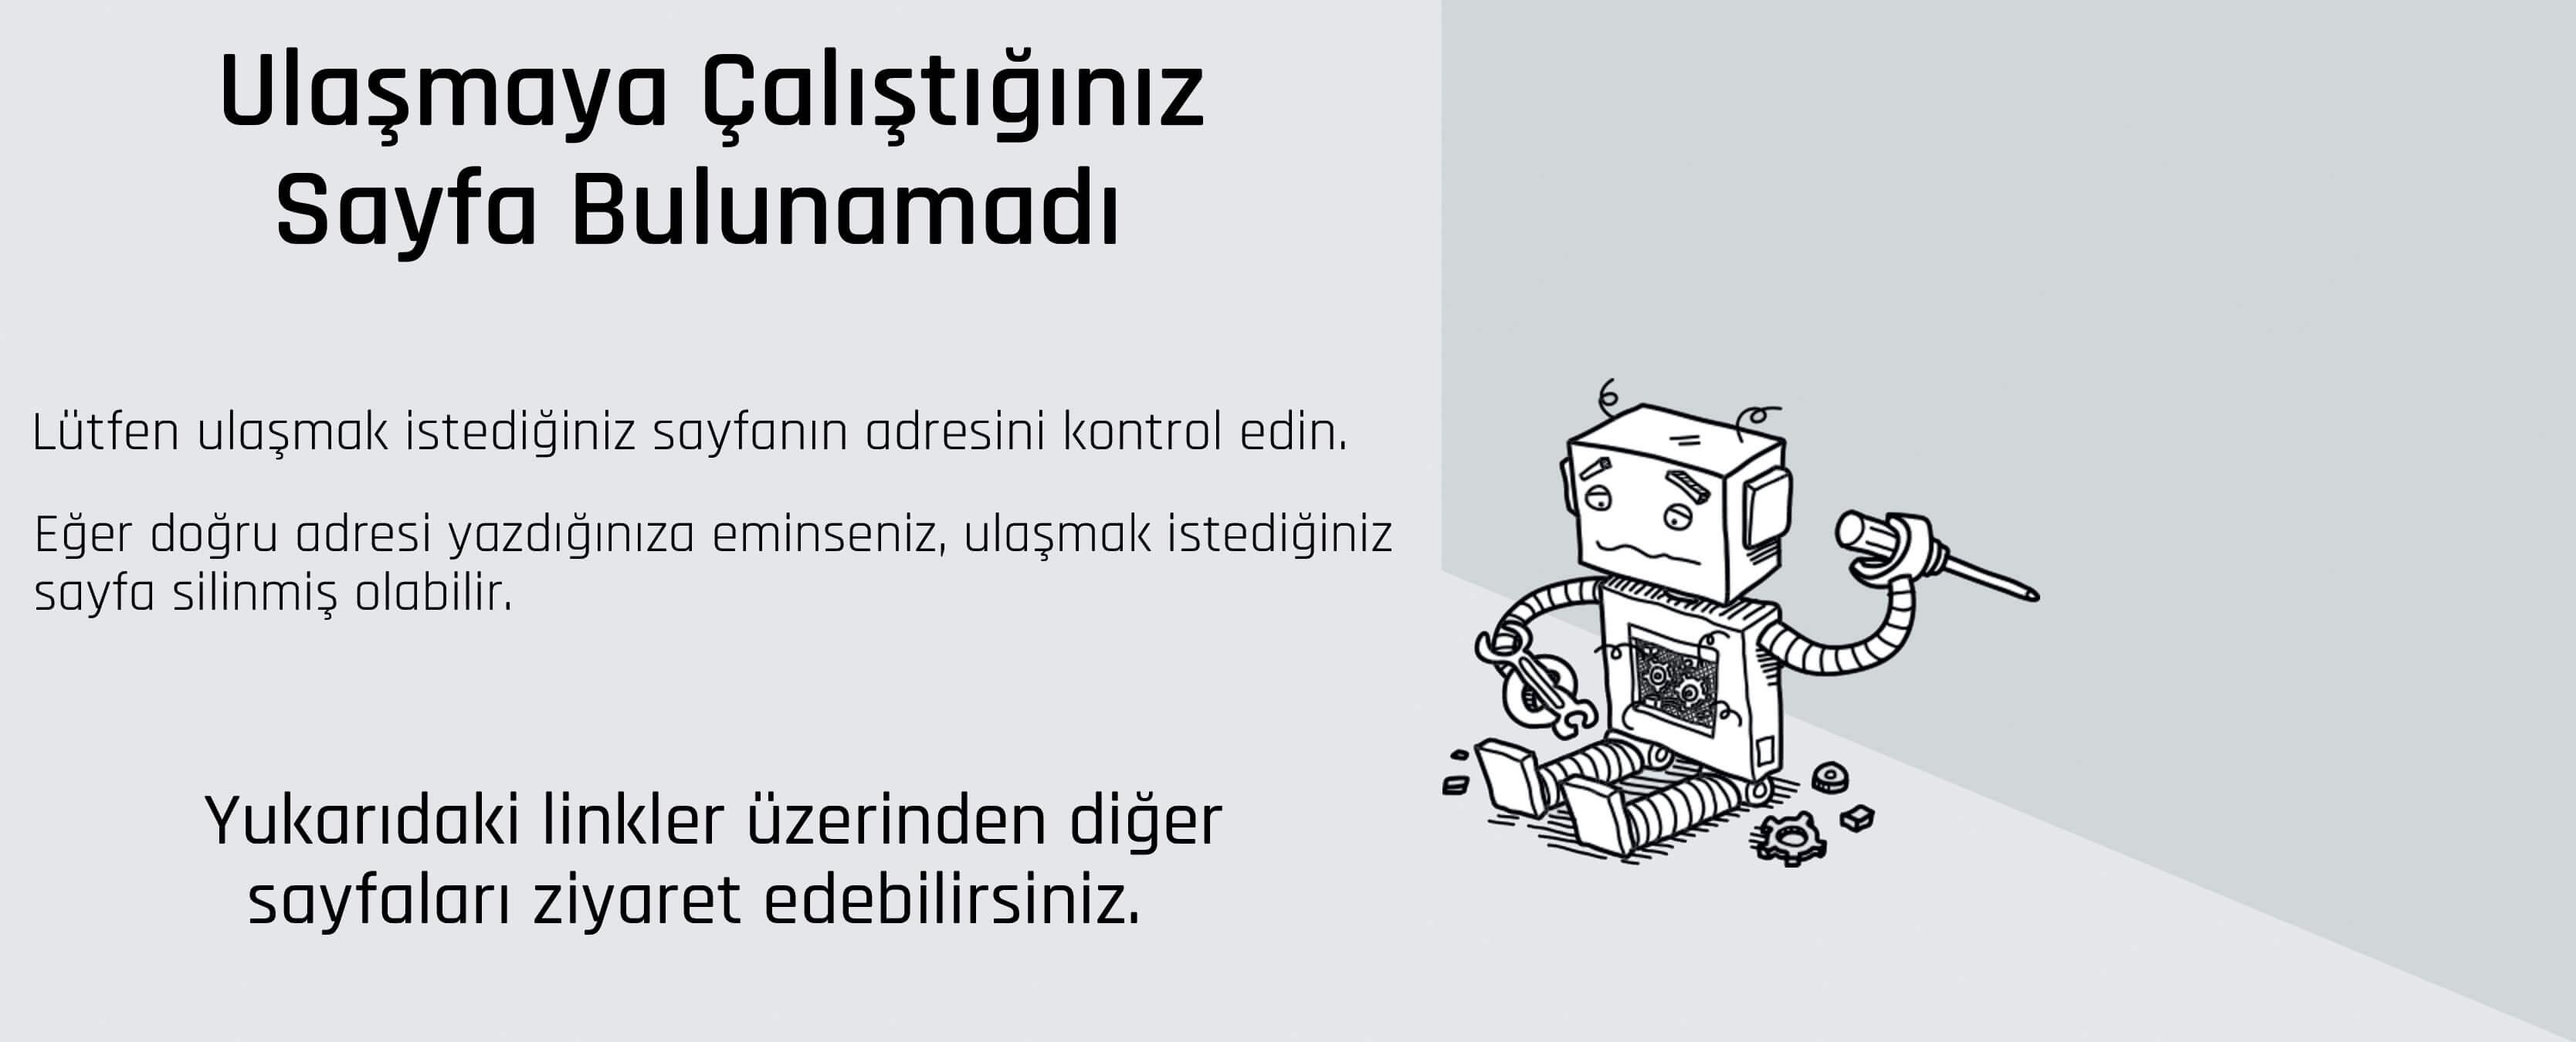 https://hrbilisim.com/